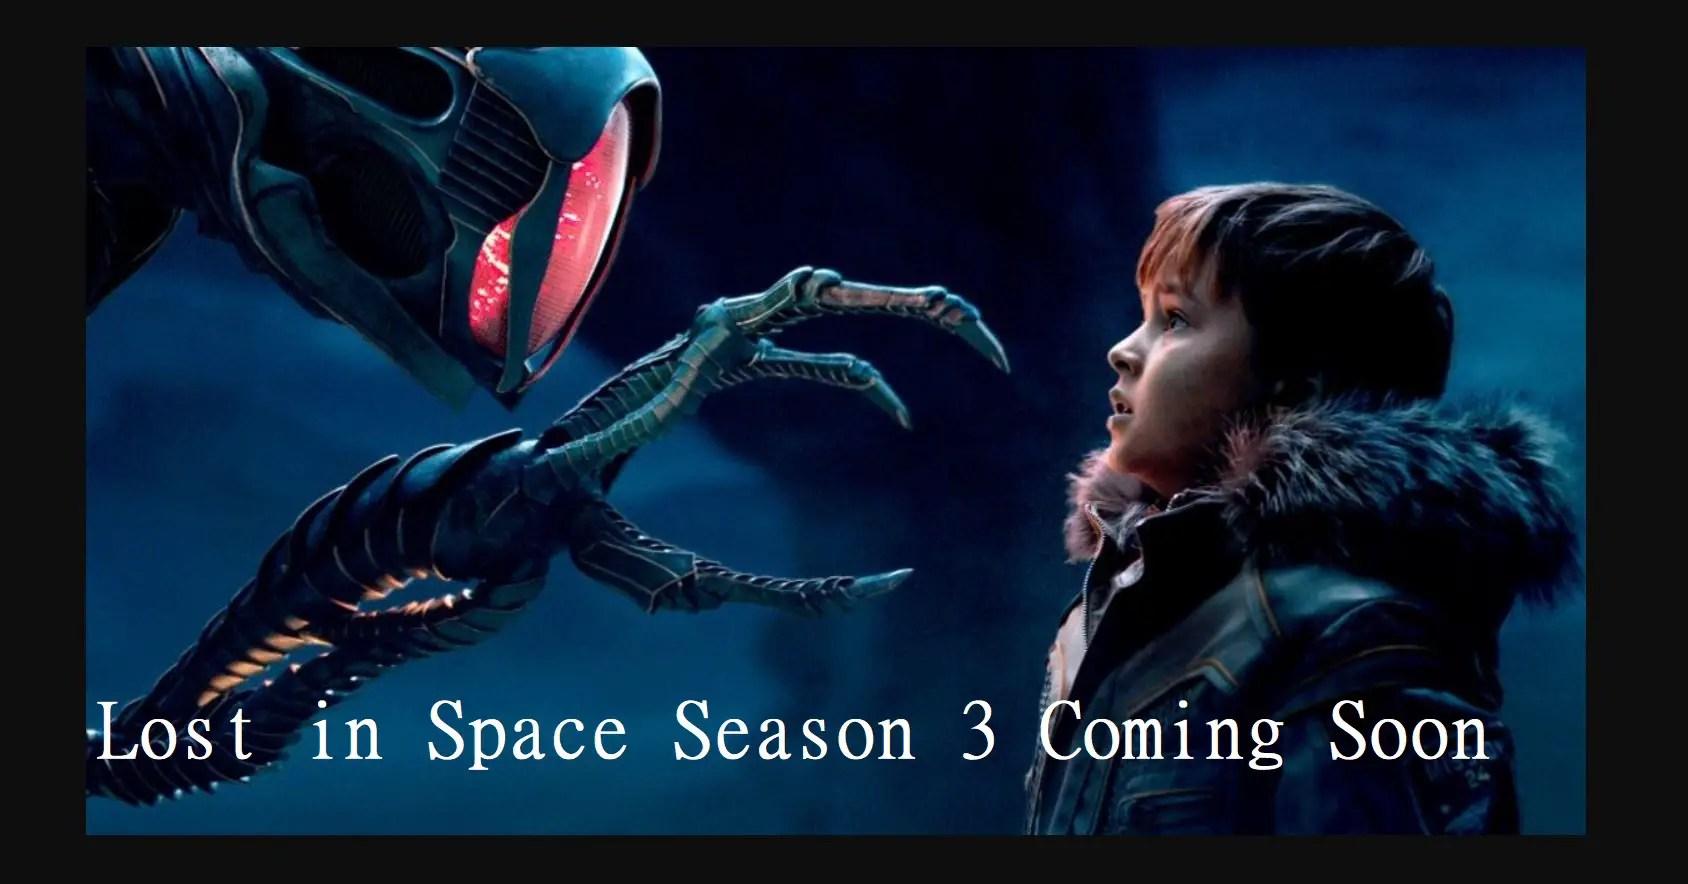 Lost in Space Season 3 Netflix 2021